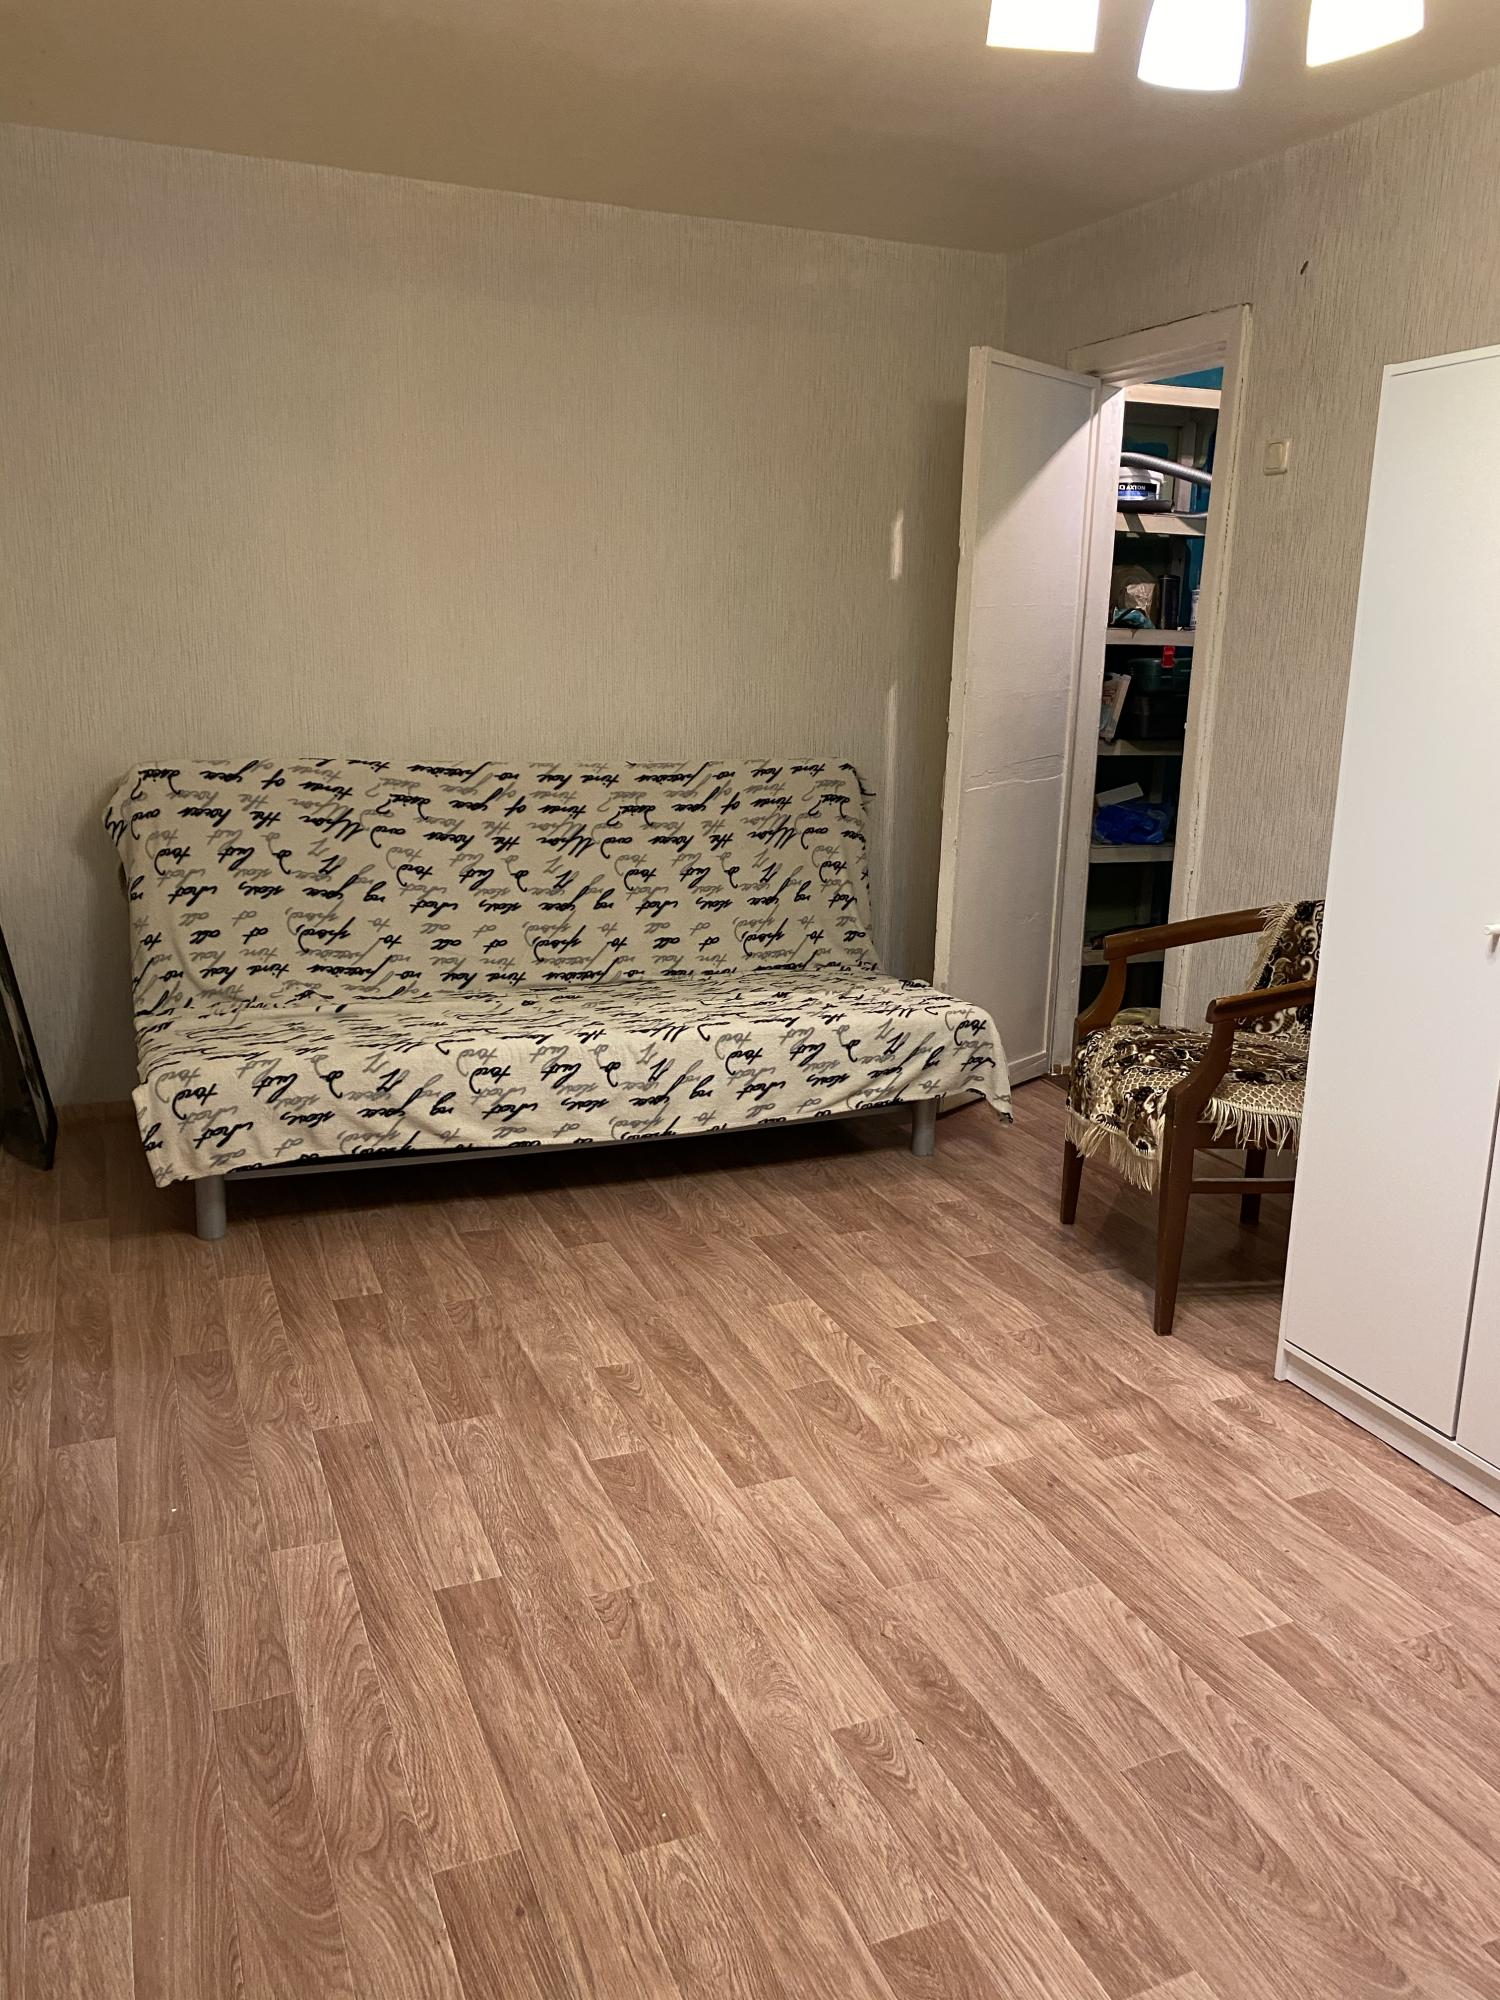 Квартира, 2 комнаты, 45 м² в Москве 89258557885 купить 5